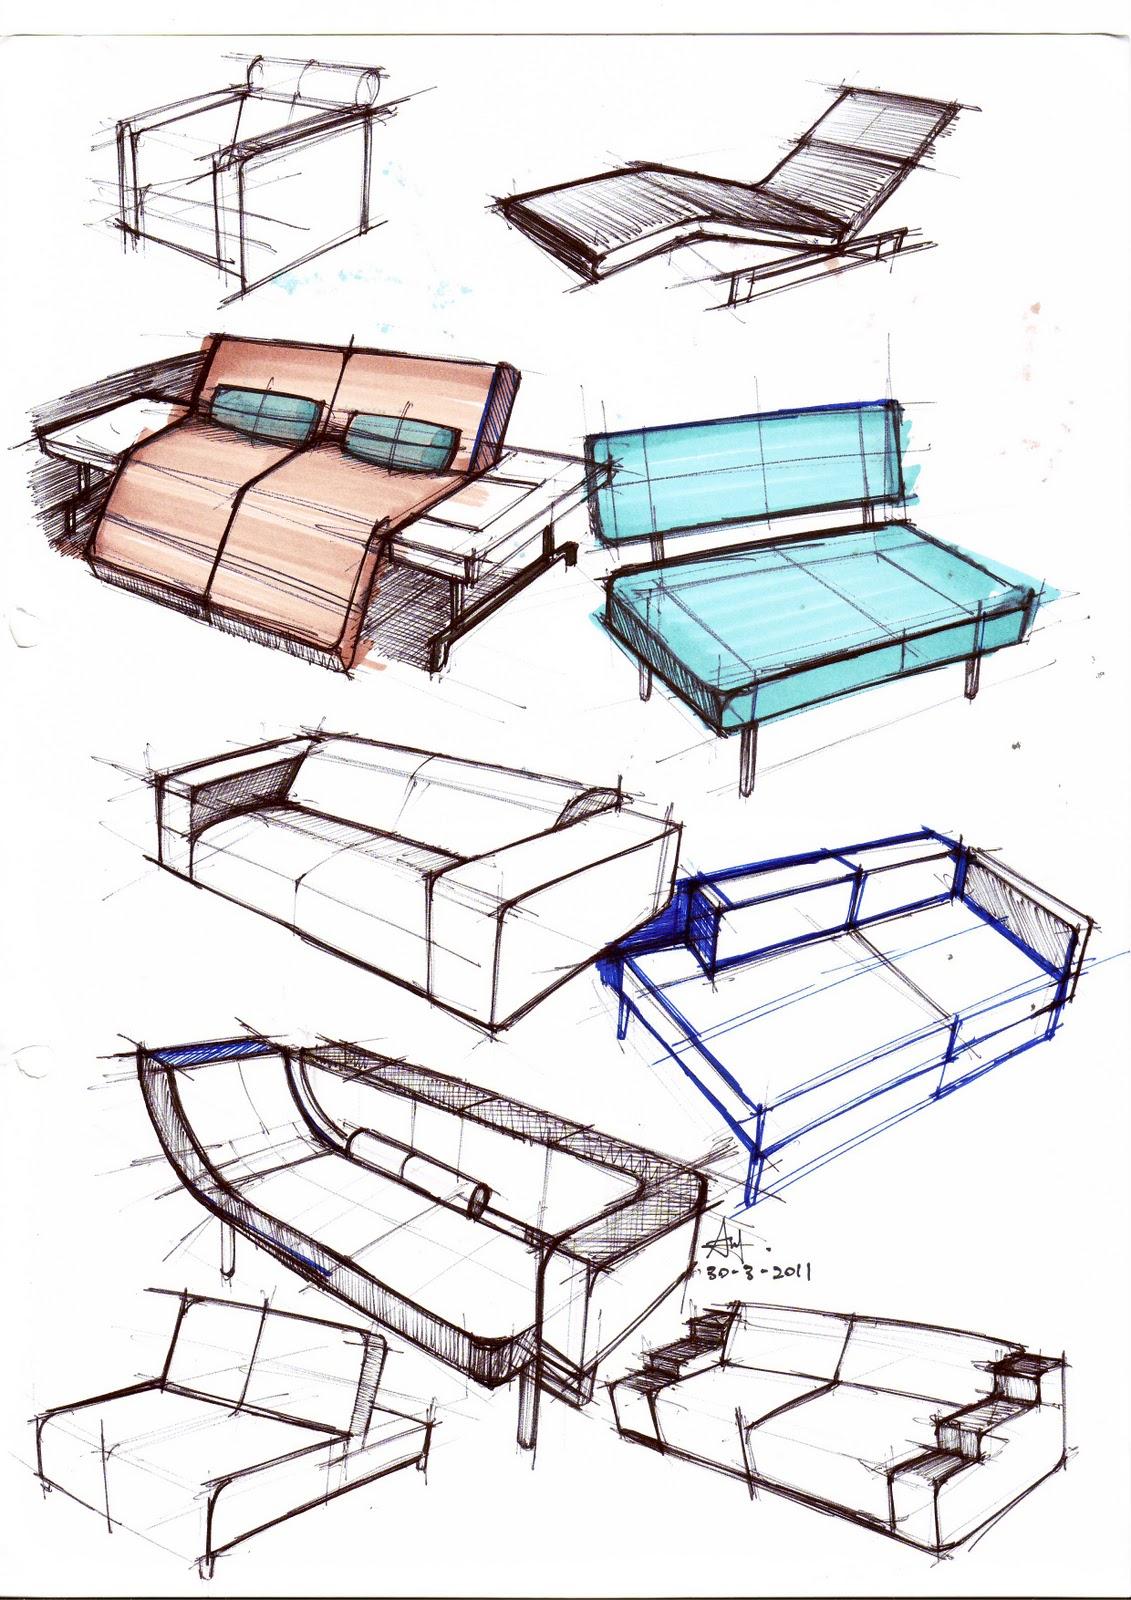 Furniture Design Sketch : AnthonyLau X Create Outline: Furniture_design_sketch Practise